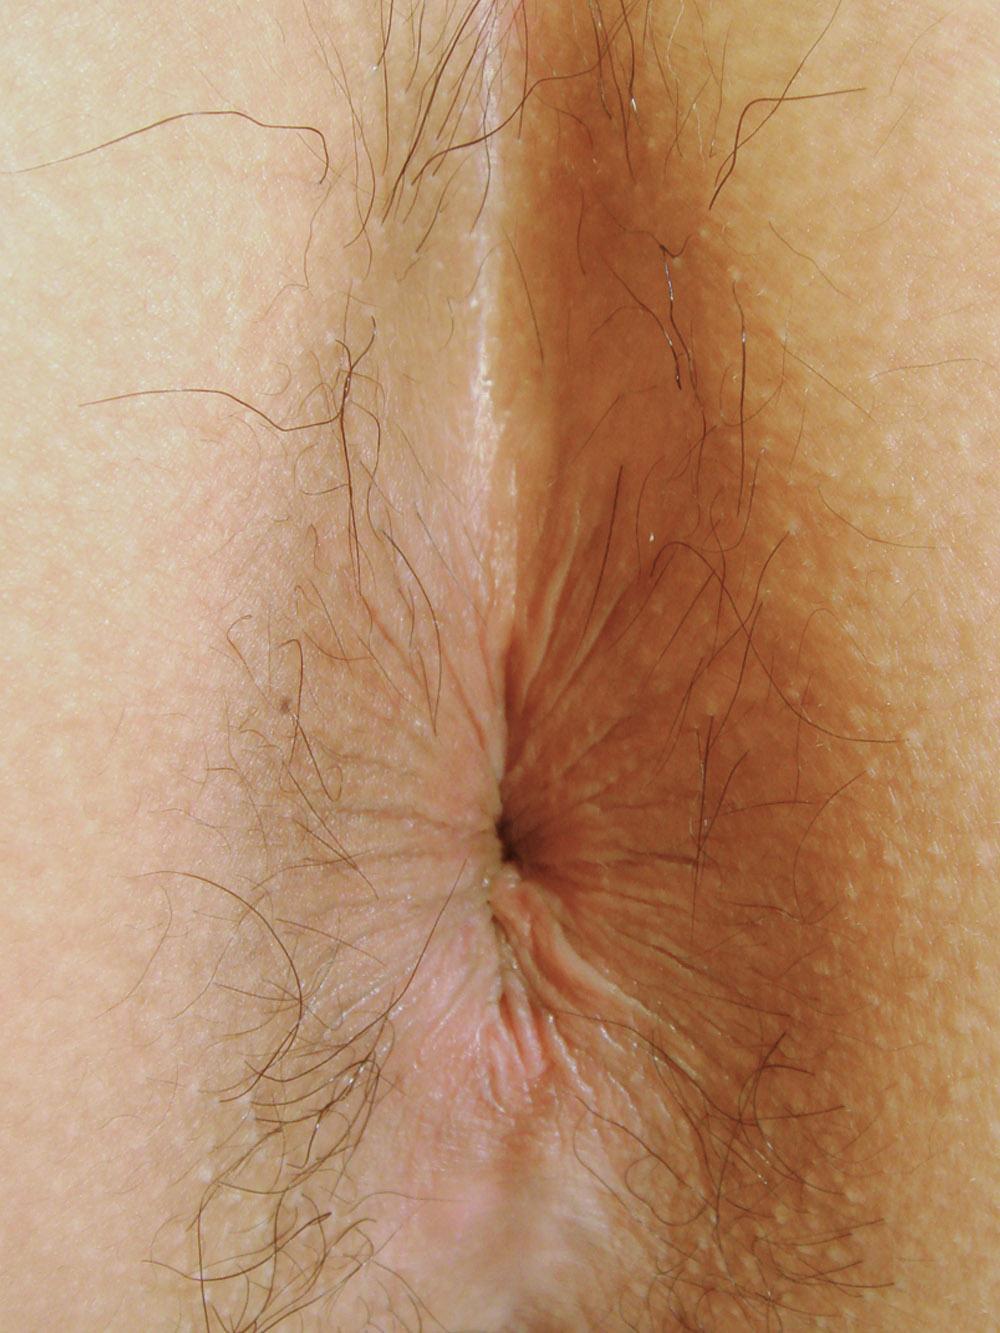 【アナル】お尻の穴がパックリ丸見えな無修正の肛門画像 28